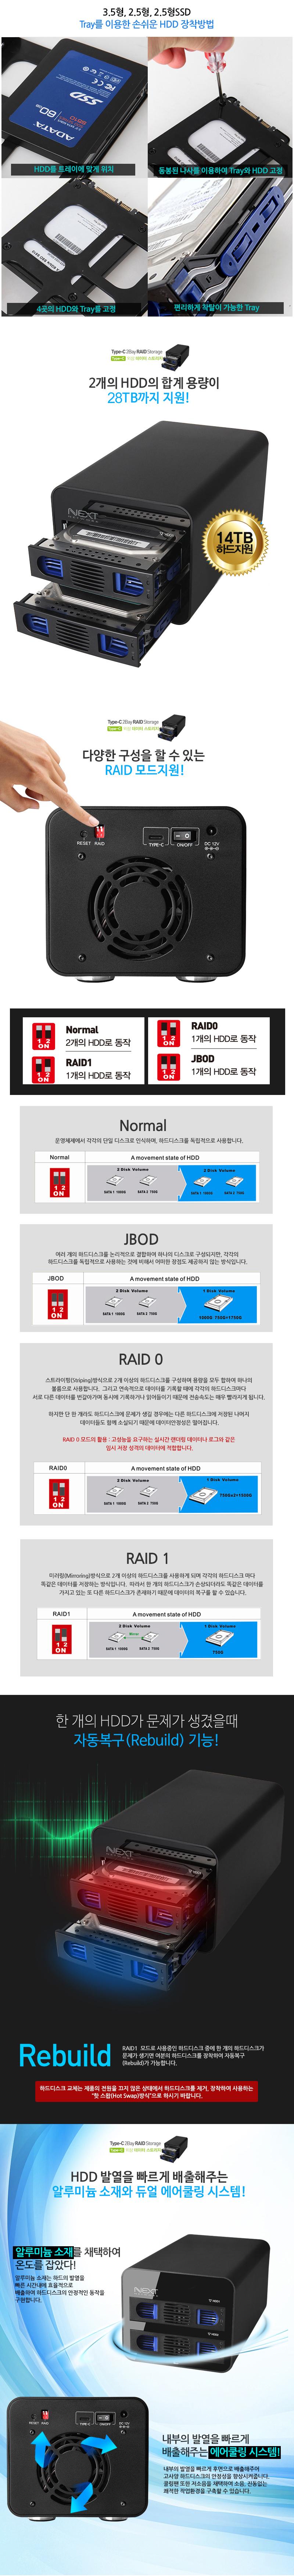 이지넷유비쿼터스 넥스트 NEXT-702TC RAID (24TB)